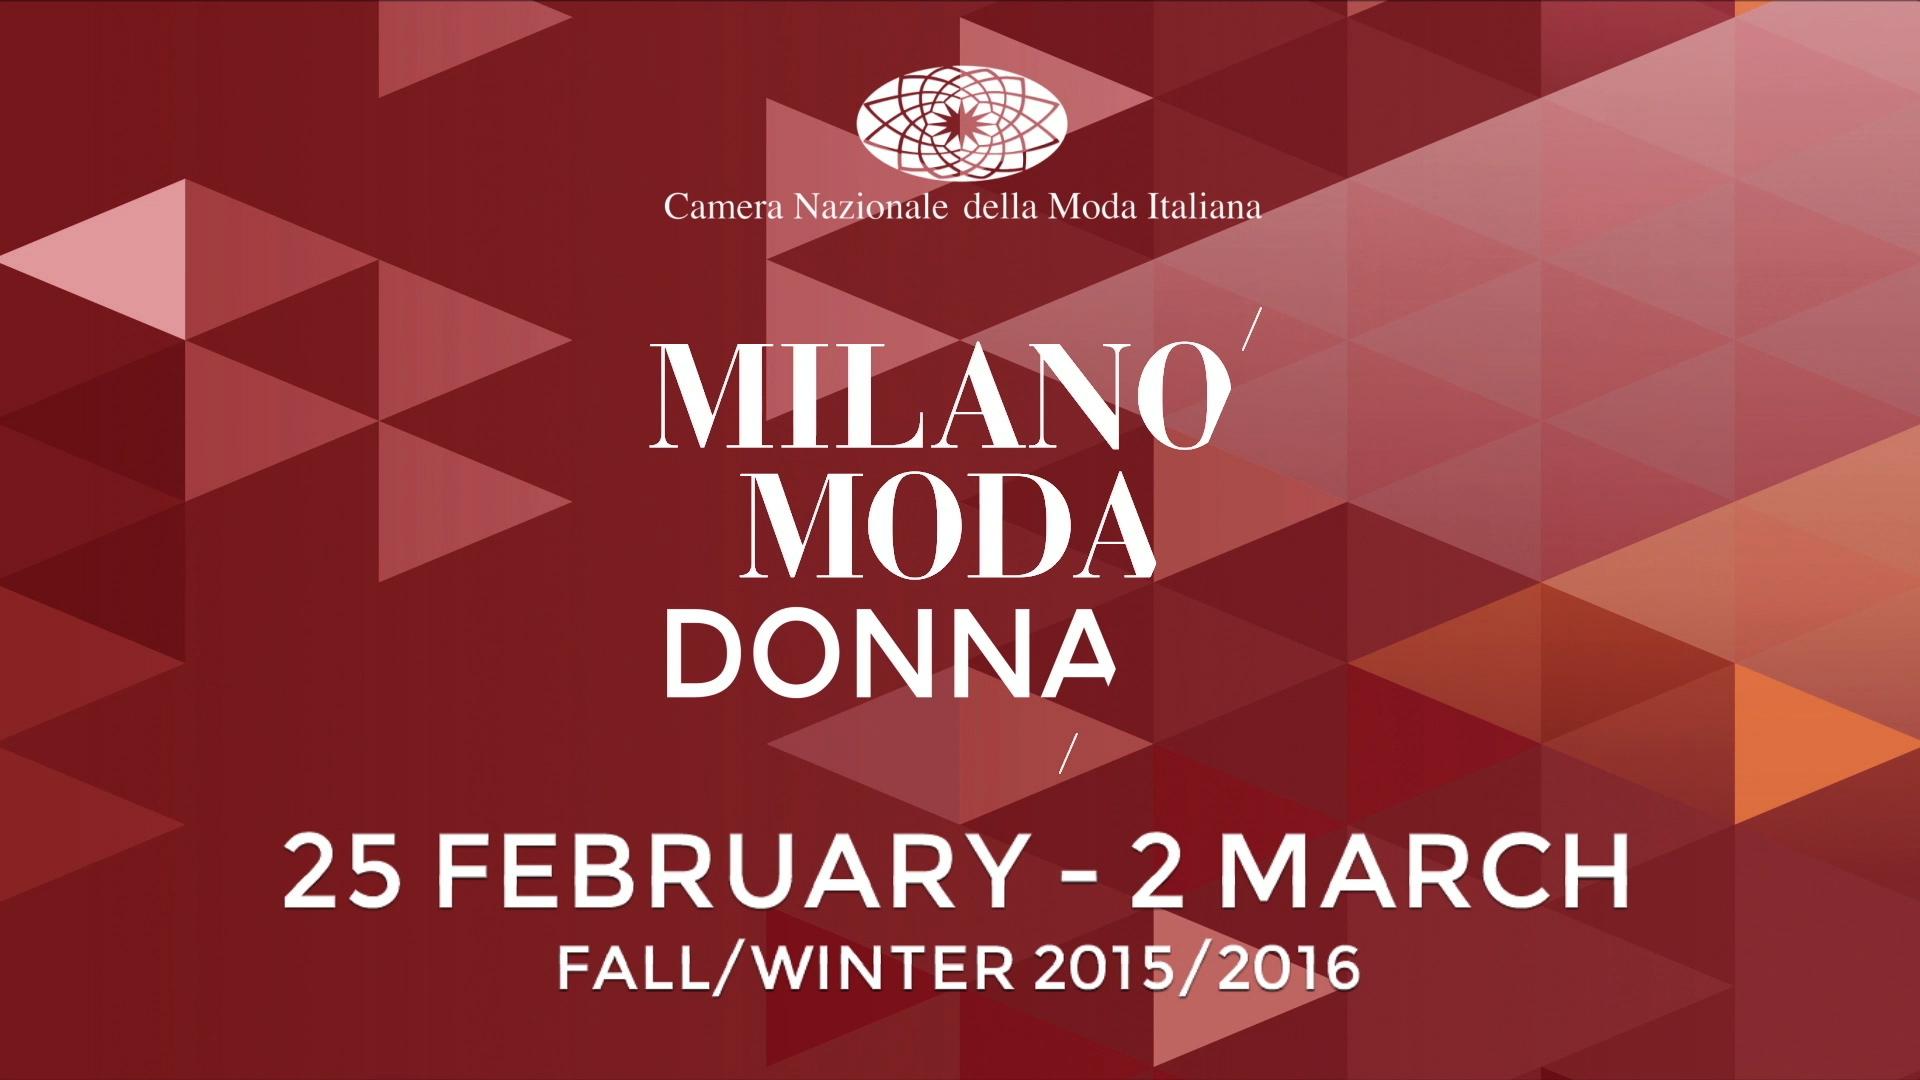 Milano Moda Donna Fall/Winter 2015/2016 Camera Nazionale della Moda Italiana